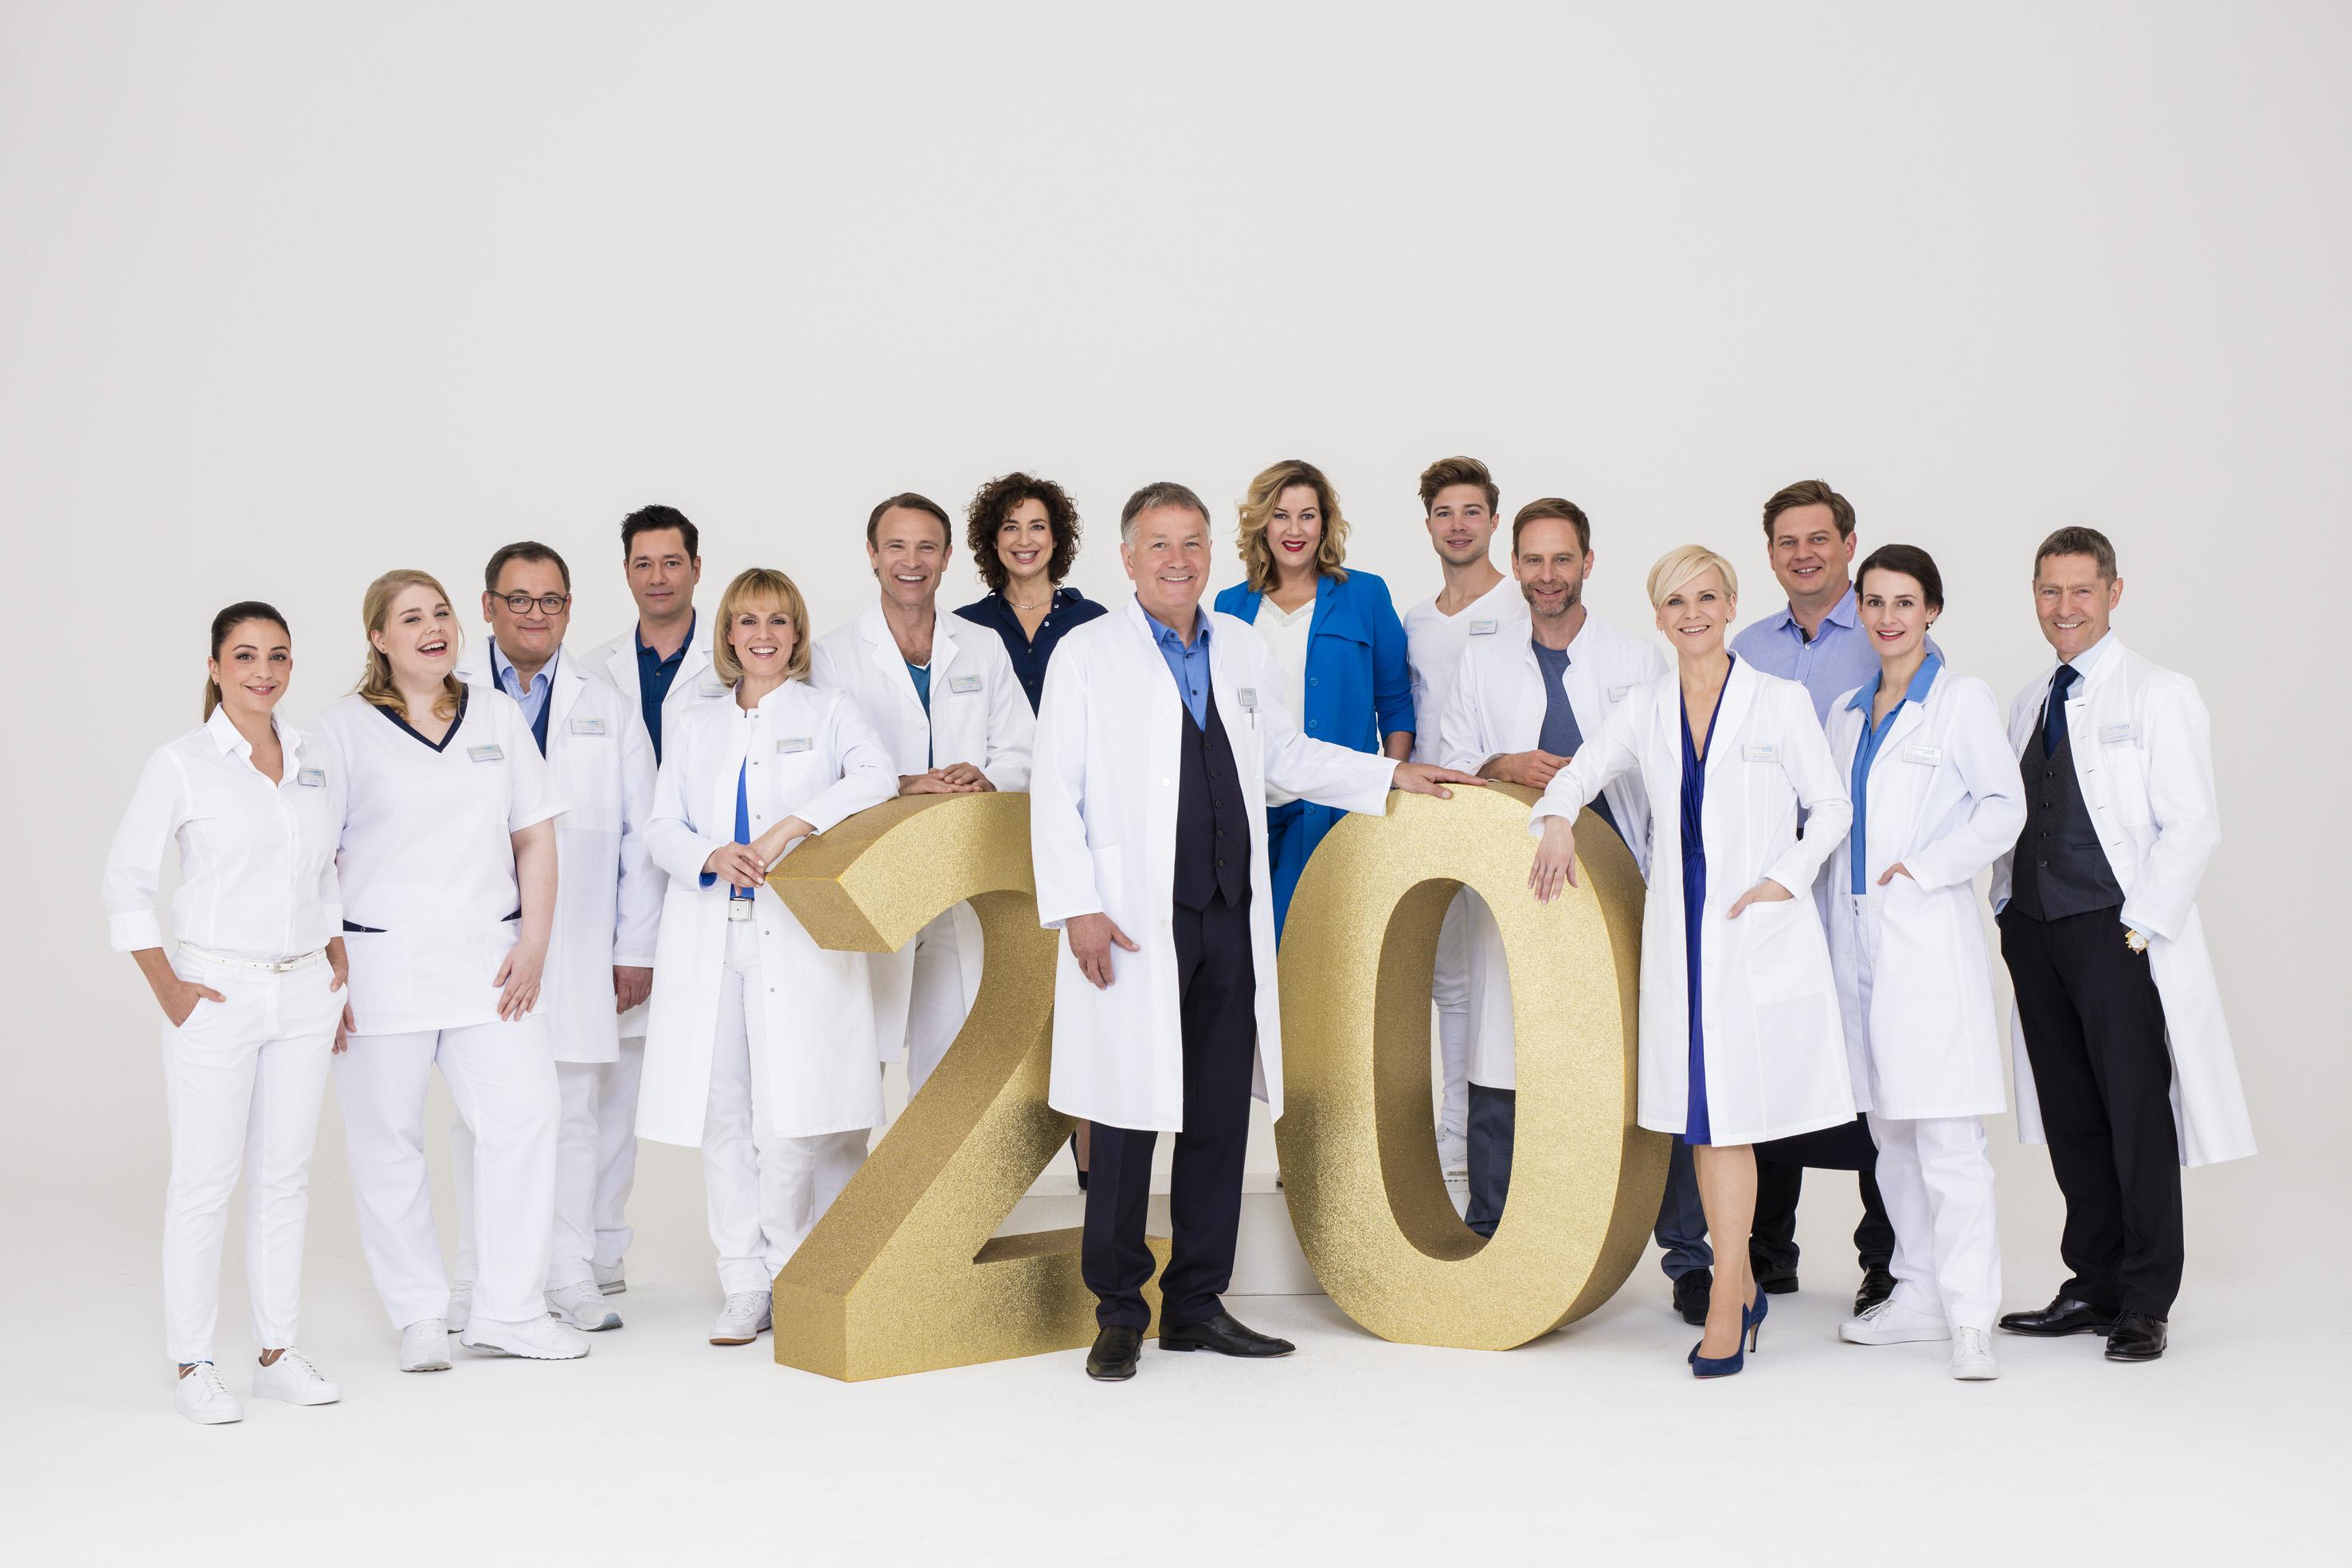 """(20 Jahre IaF – Bildrechte: ARD/Saxonia/Markus Nass): Kaum zu glauben: """"In aller Freundschaft"""" feiert schon sein 20. Jubiläum."""